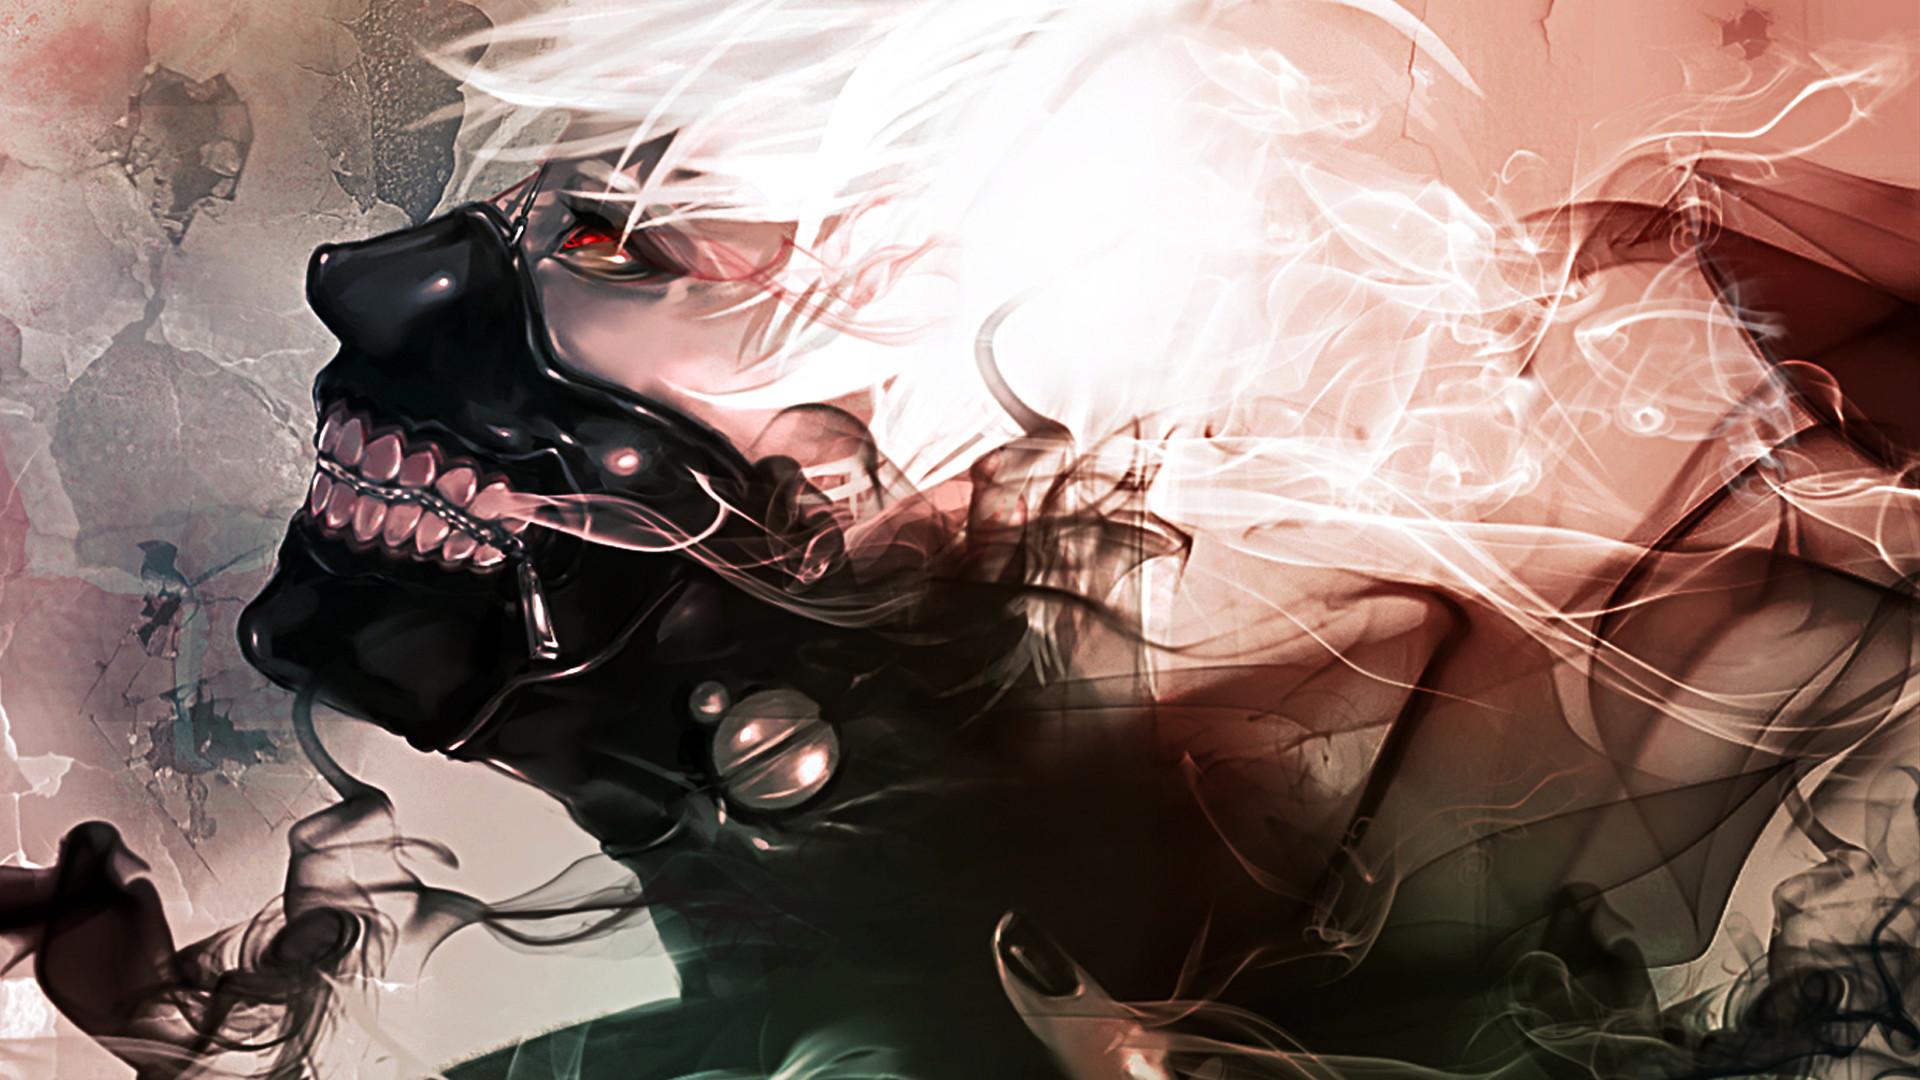 mask-kaneki-ken-white-hair-red-eye-wallpaper-anime .